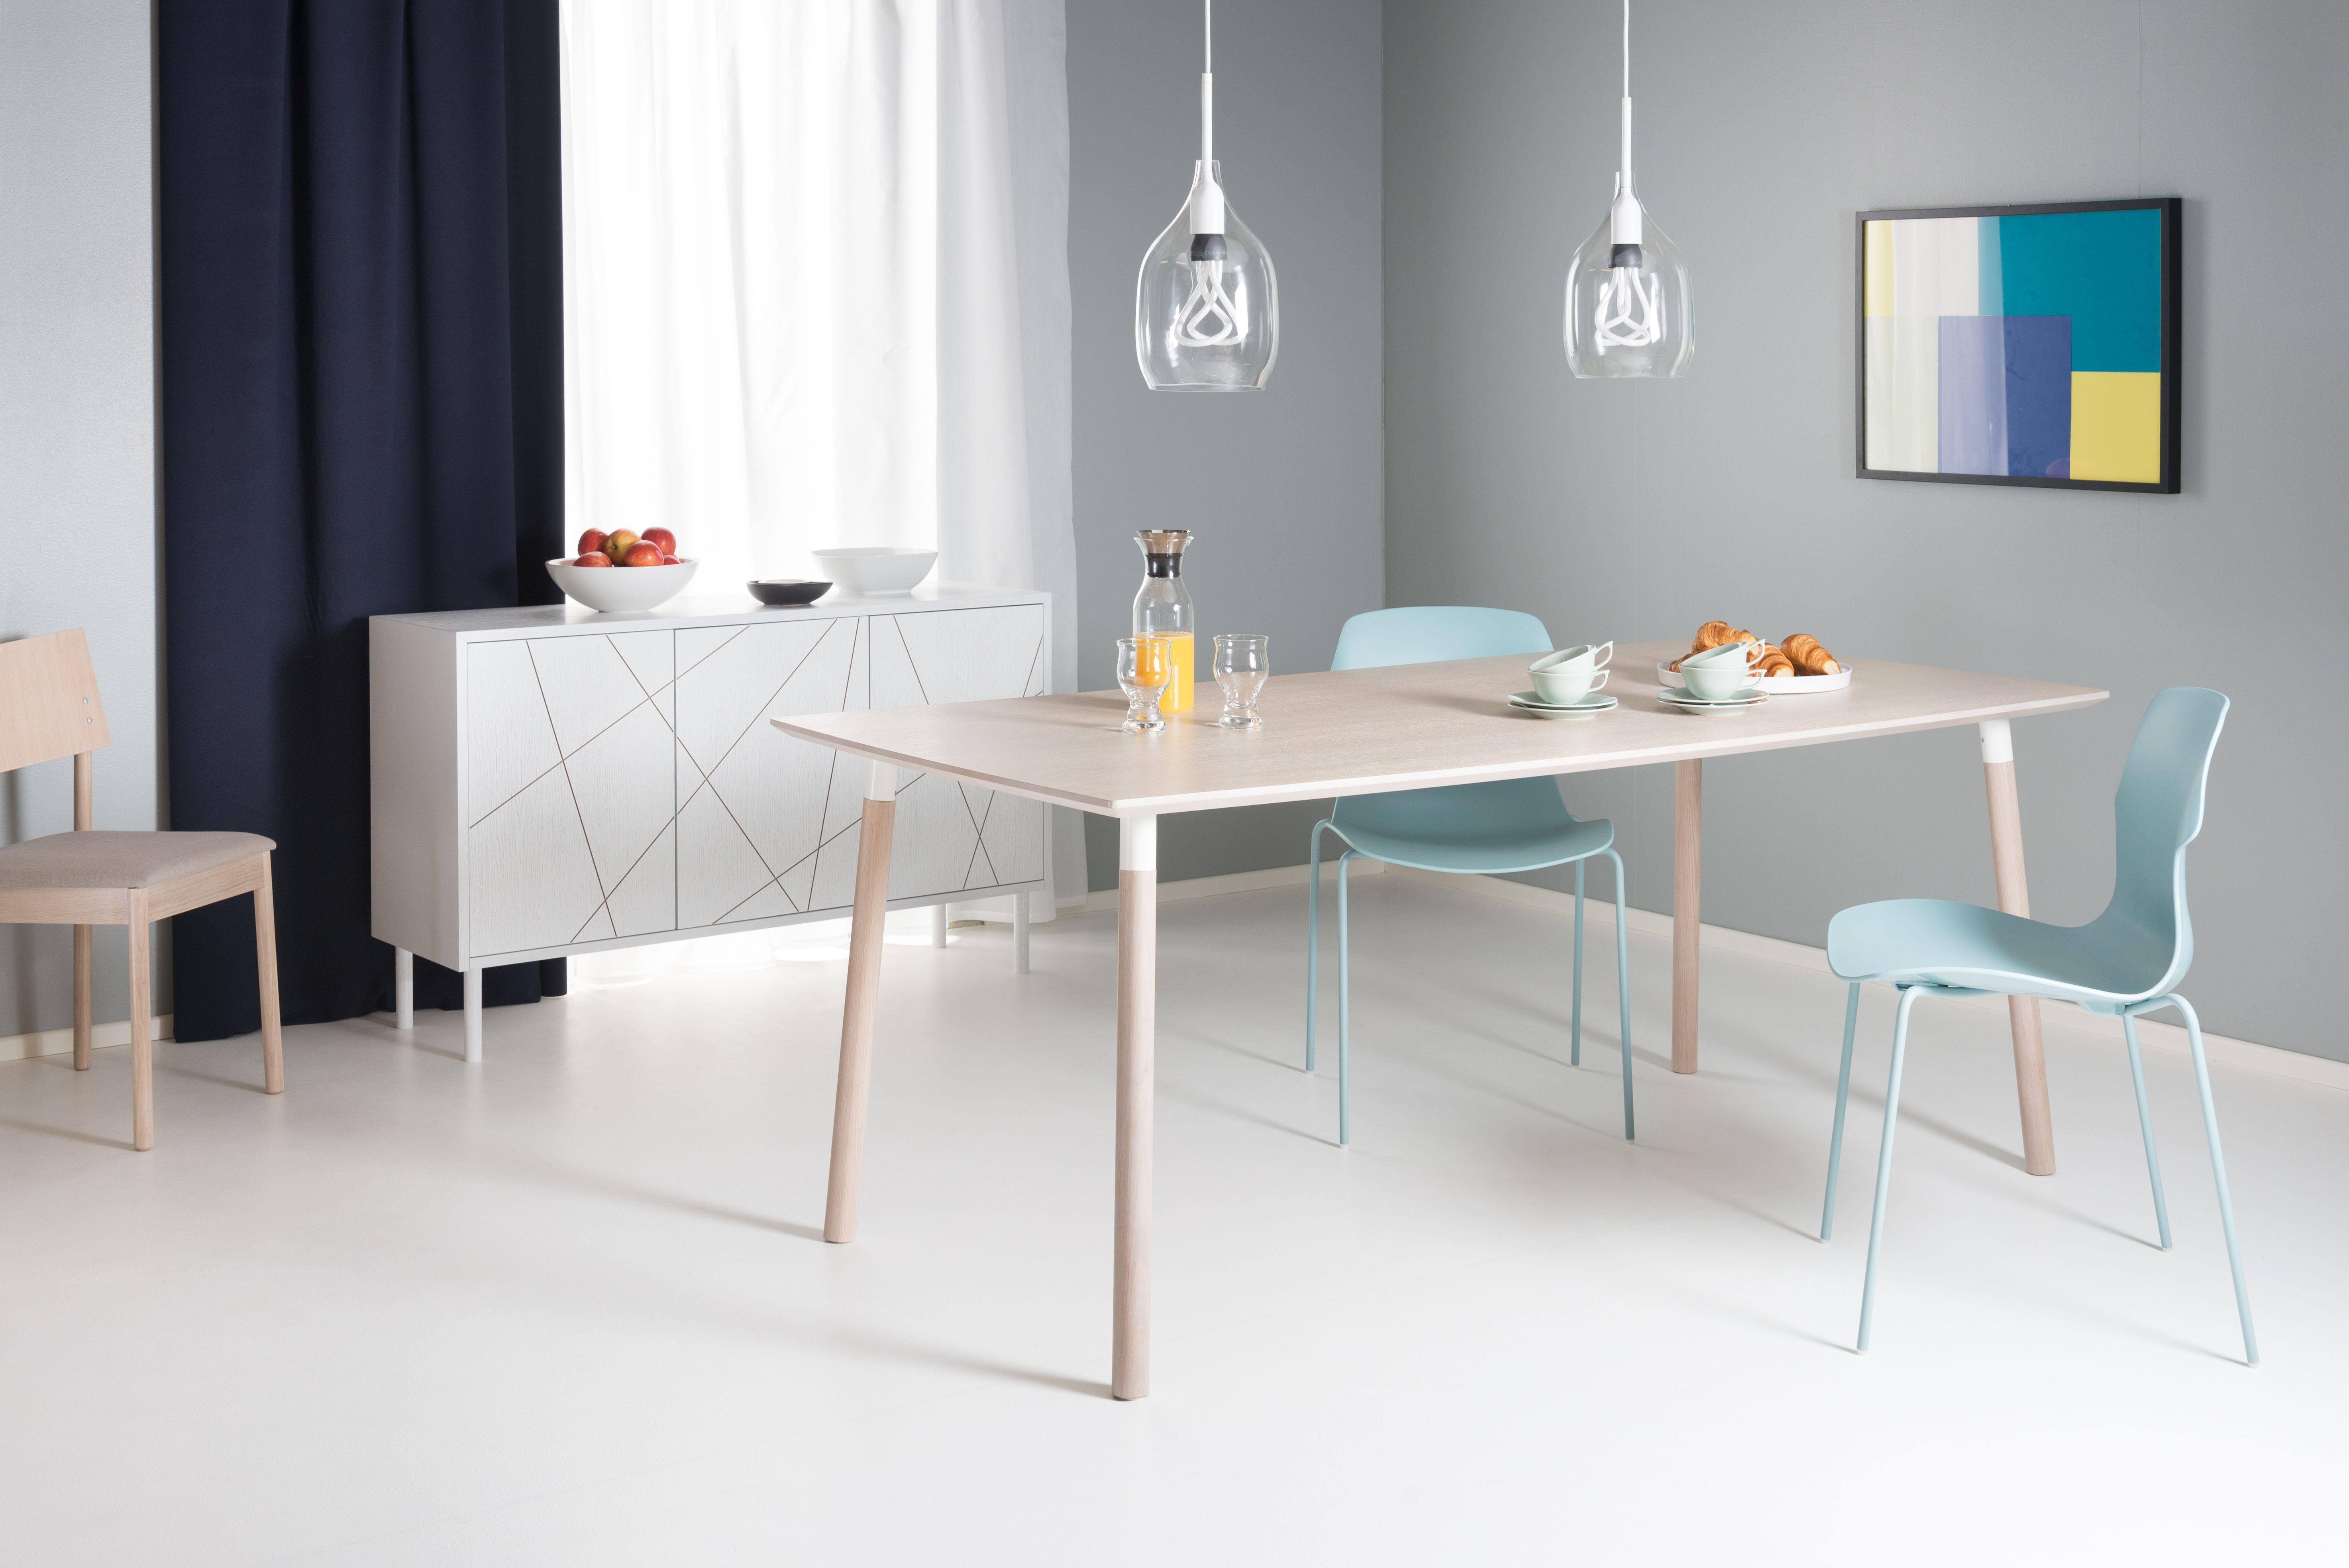 Junet – Kaunismuotoinen lehdenomaisen kevyesti kaartuva ruokapöytä kuudelle hengelle. #habitare2014 #design #sisustus #messut #helsinki #messukeskus